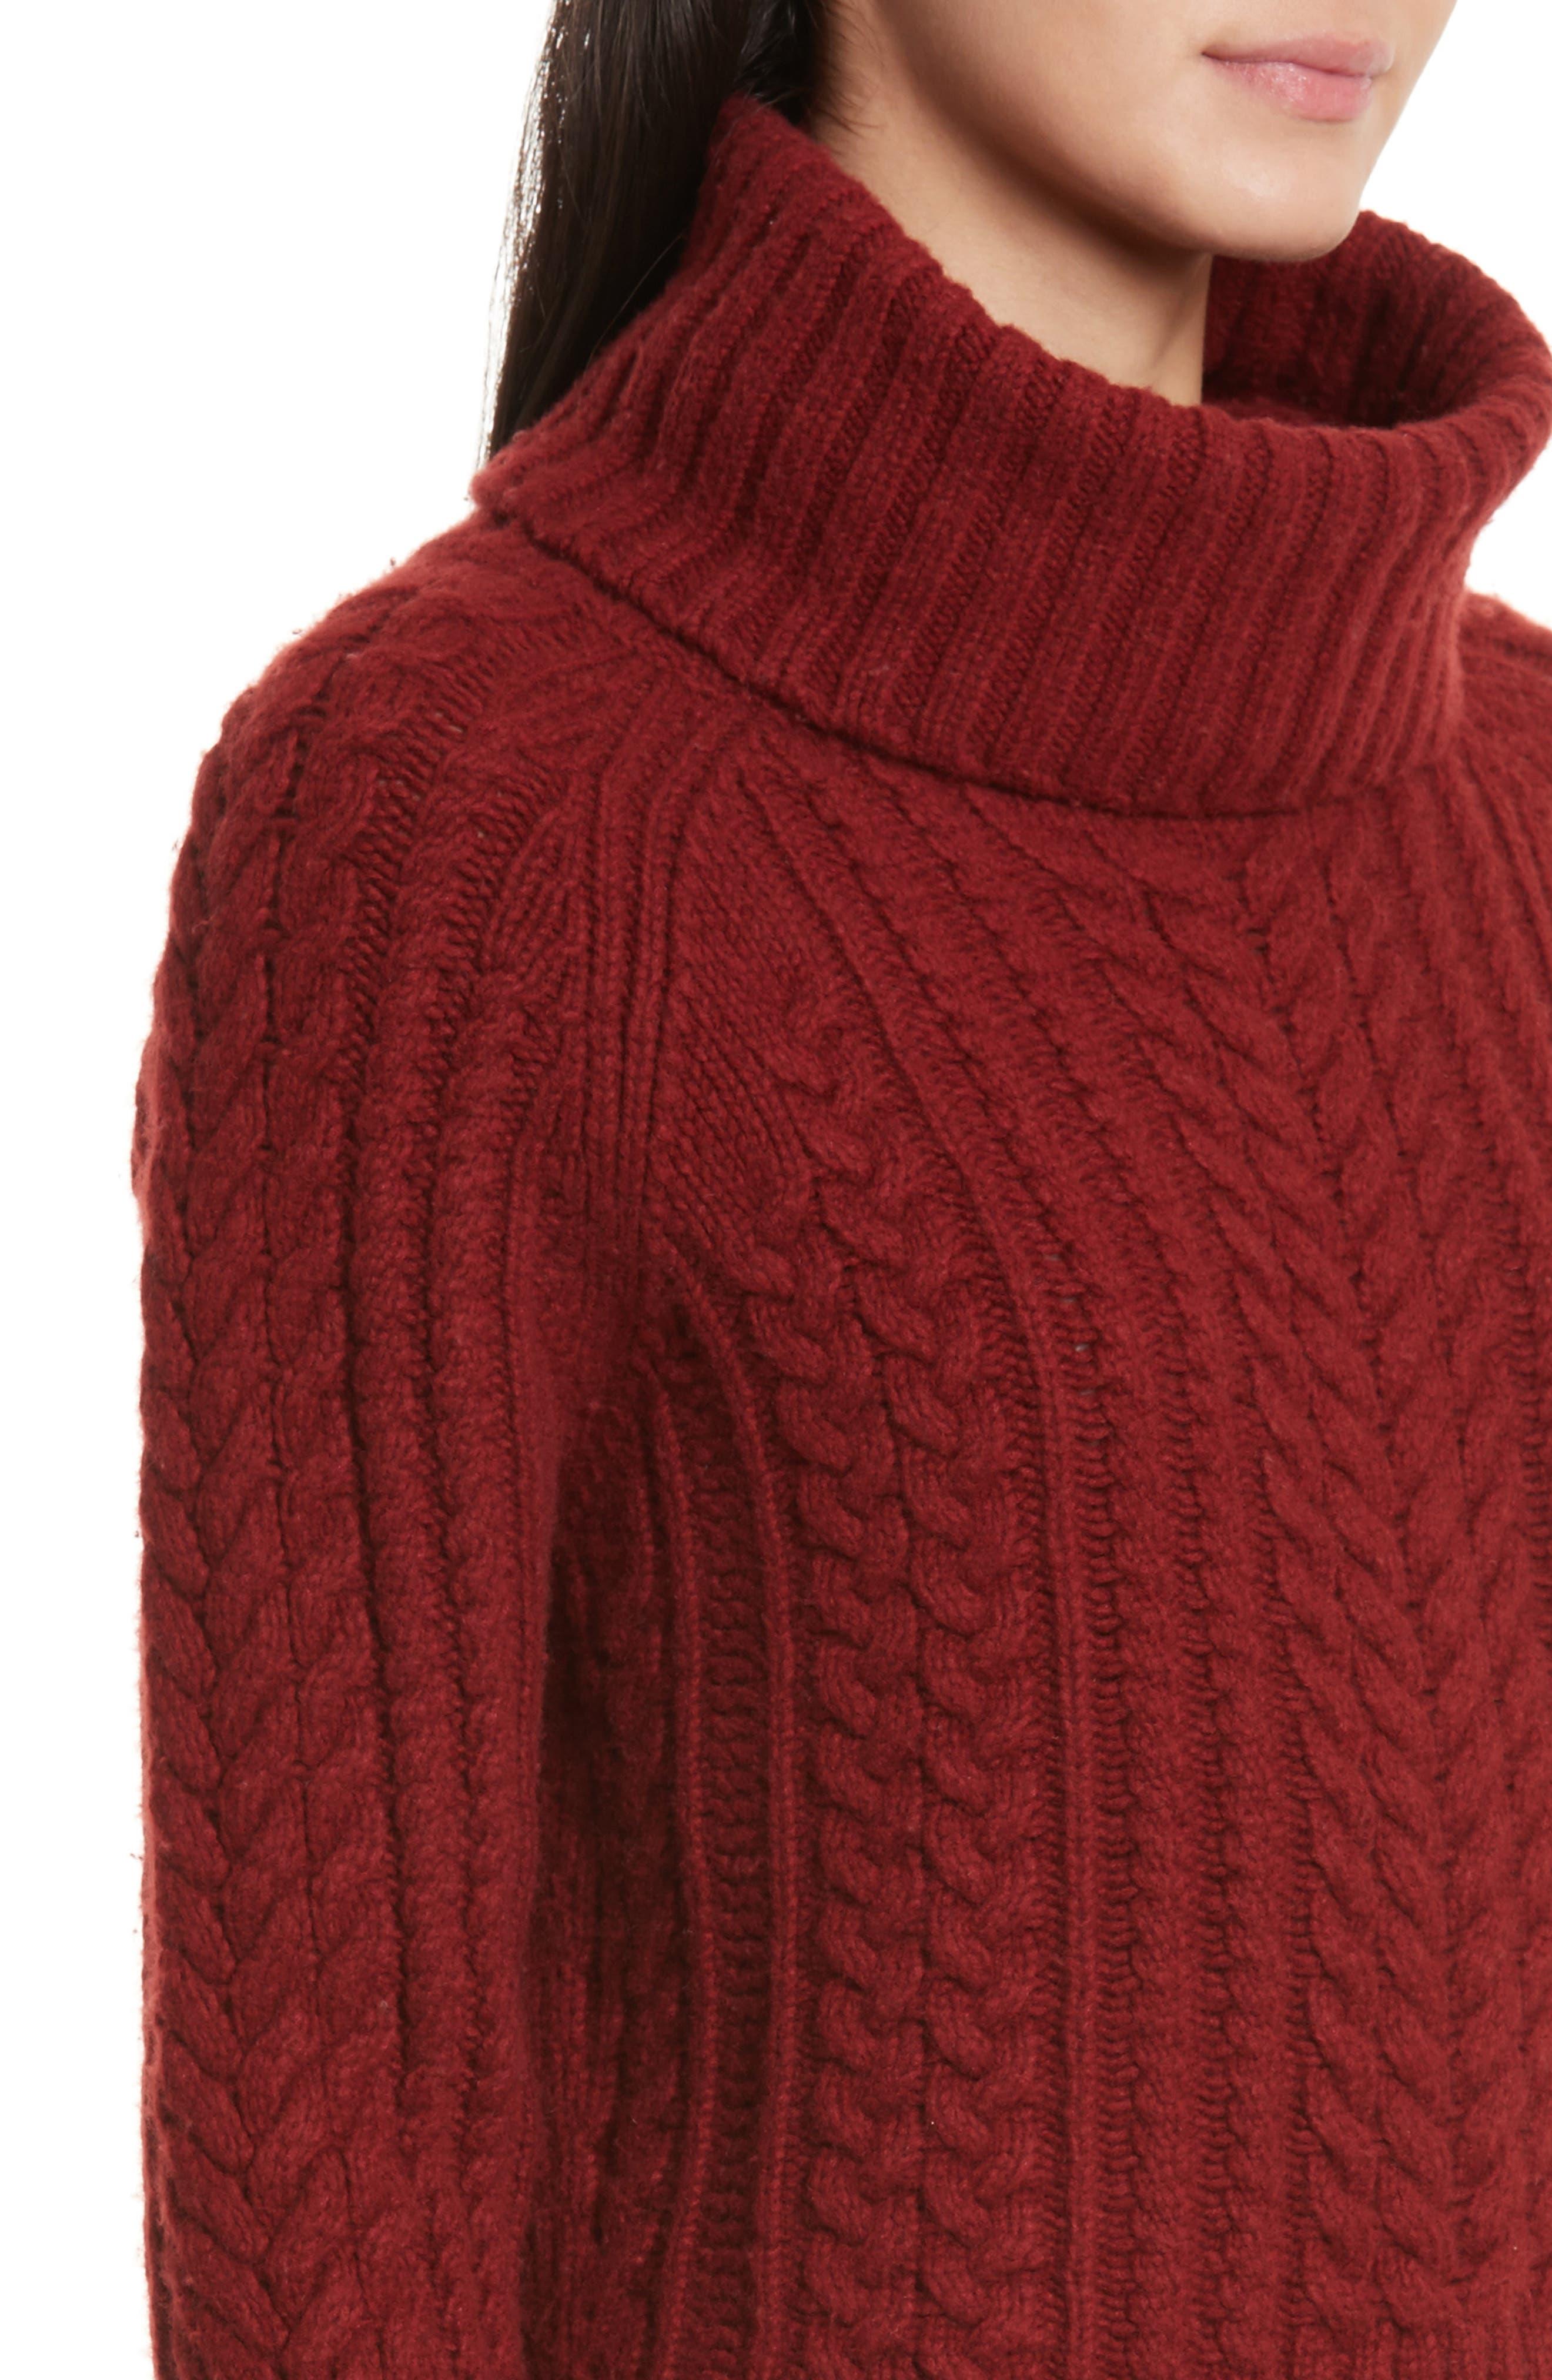 Tobin Cable Knit Crop Turtleneck Sweater,                             Alternate thumbnail 4, color,                             Bordeaux